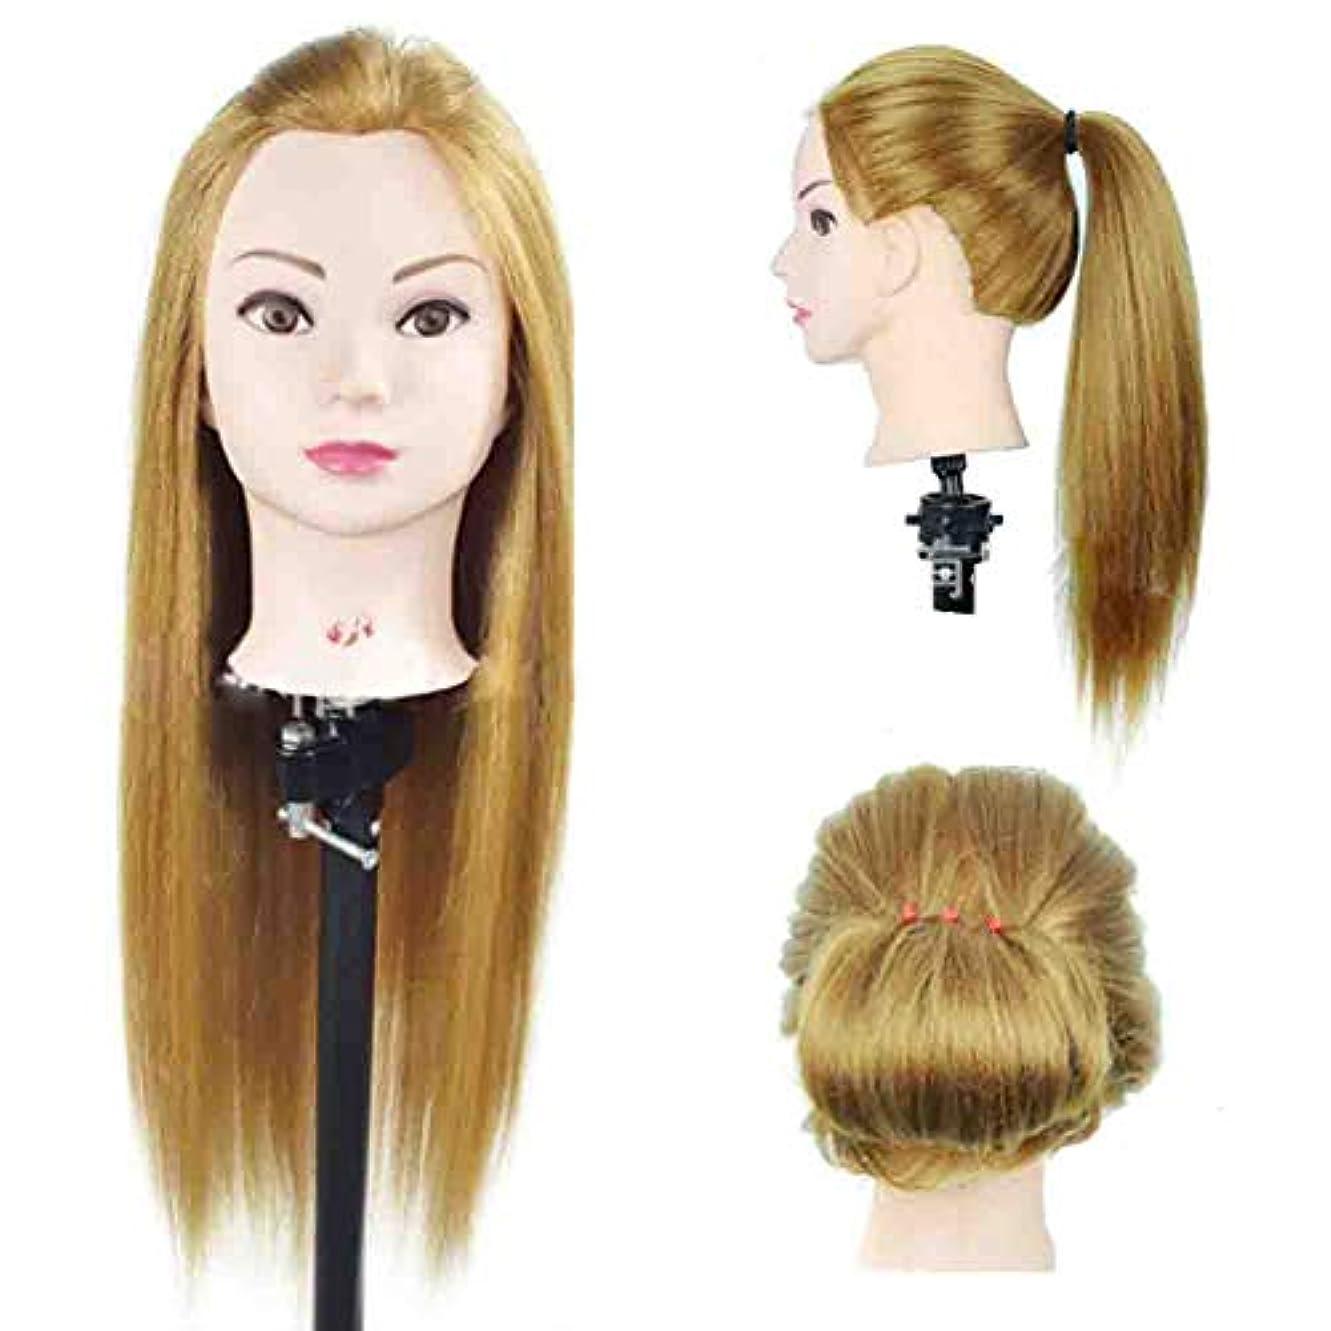 請求書割合砂サロンヘアブレイディングヘアスタイルヘアスタイルヘアスタイルヘアスタイルヘアスタイルヘアスタイル